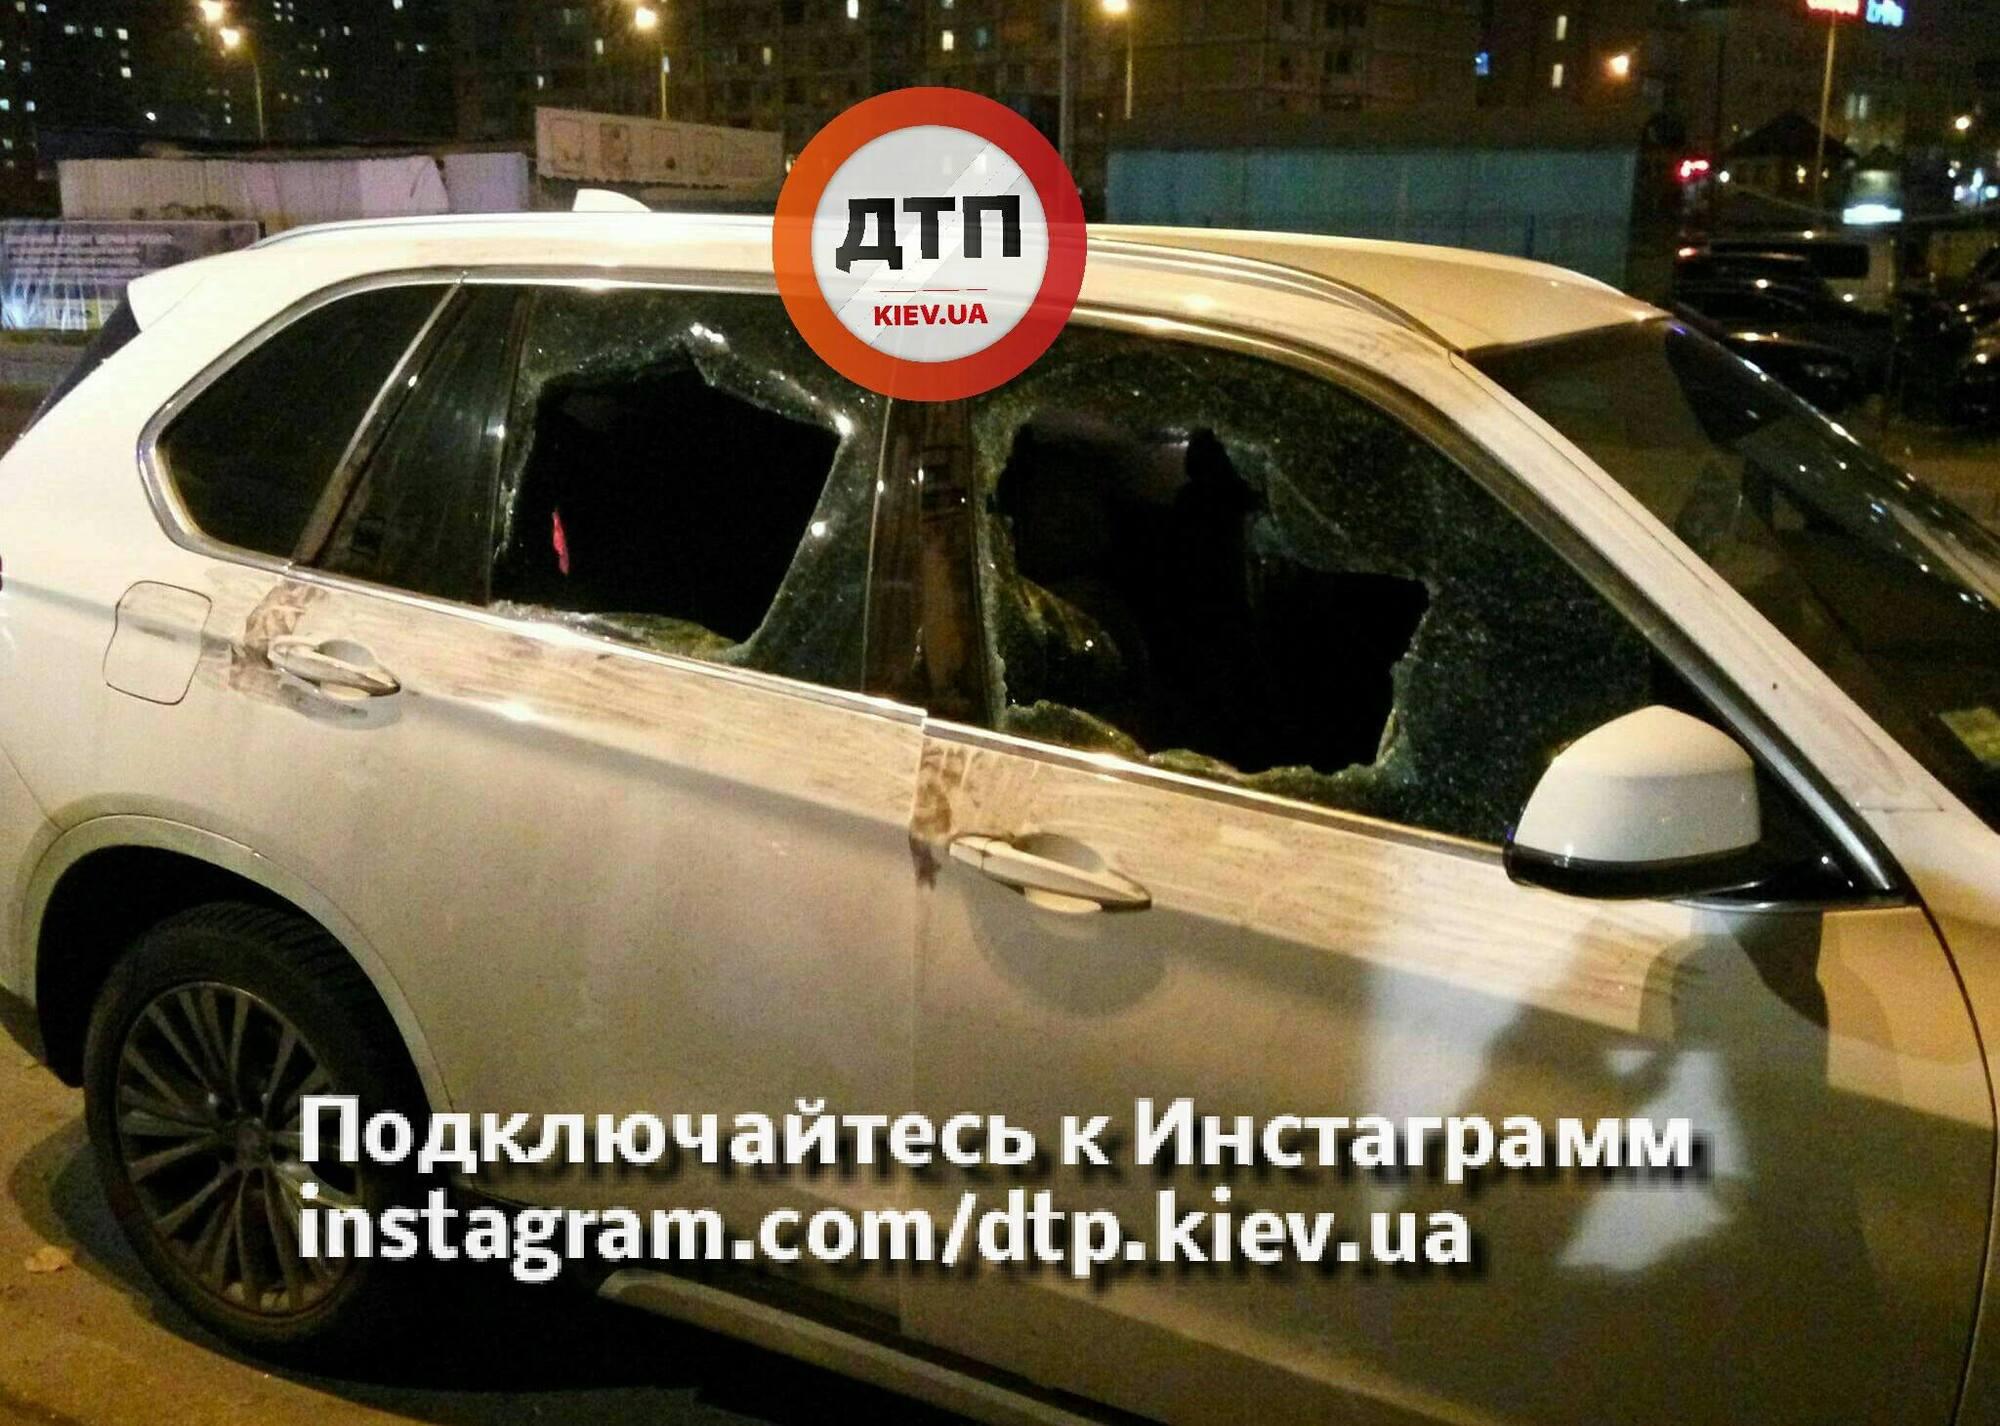 В Киеве совершено дерзкое ограбление валютчика